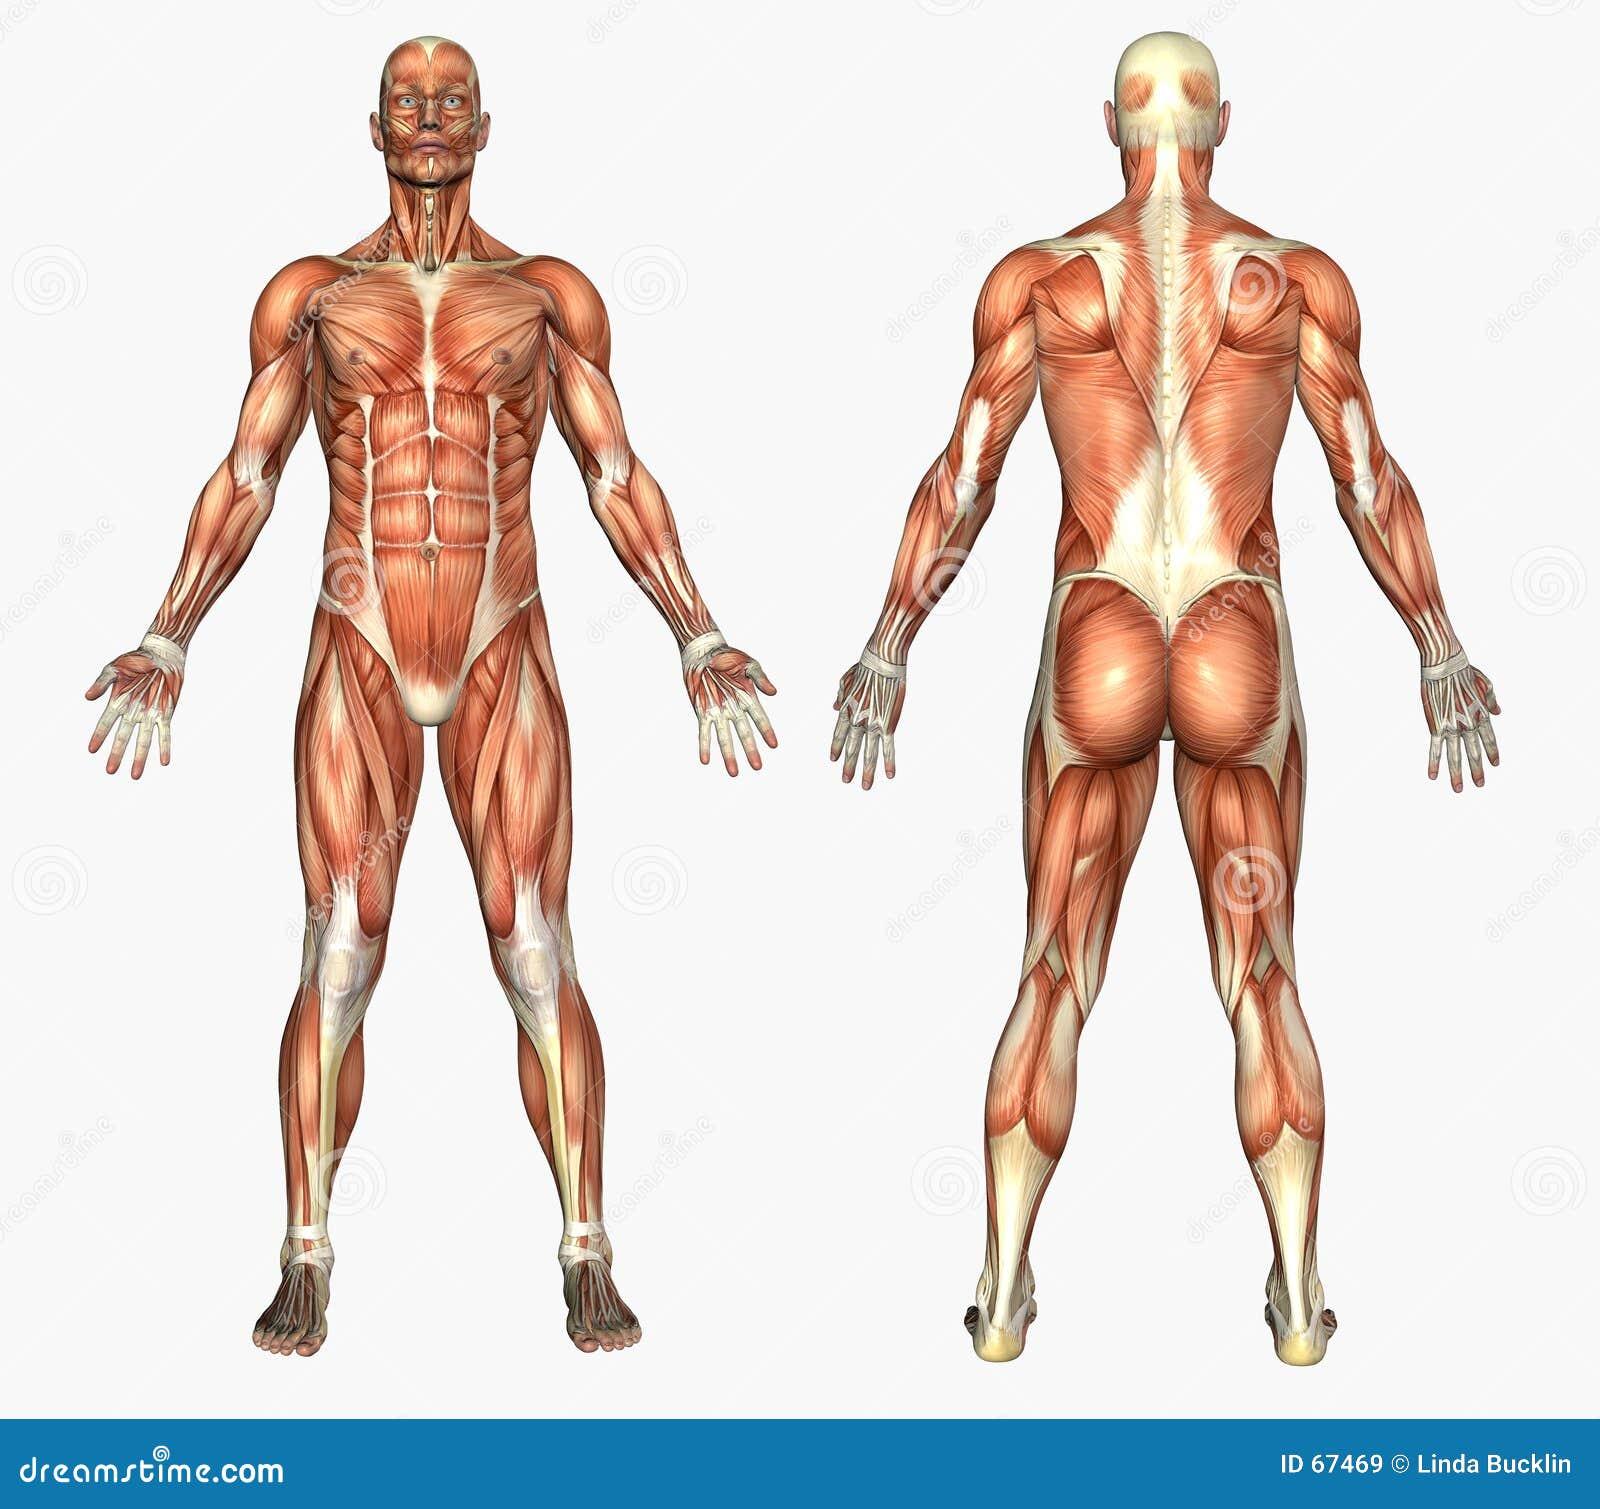 Berühmt Muskel Mann Modell Anatomie Bilder - Menschliche Anatomie ...